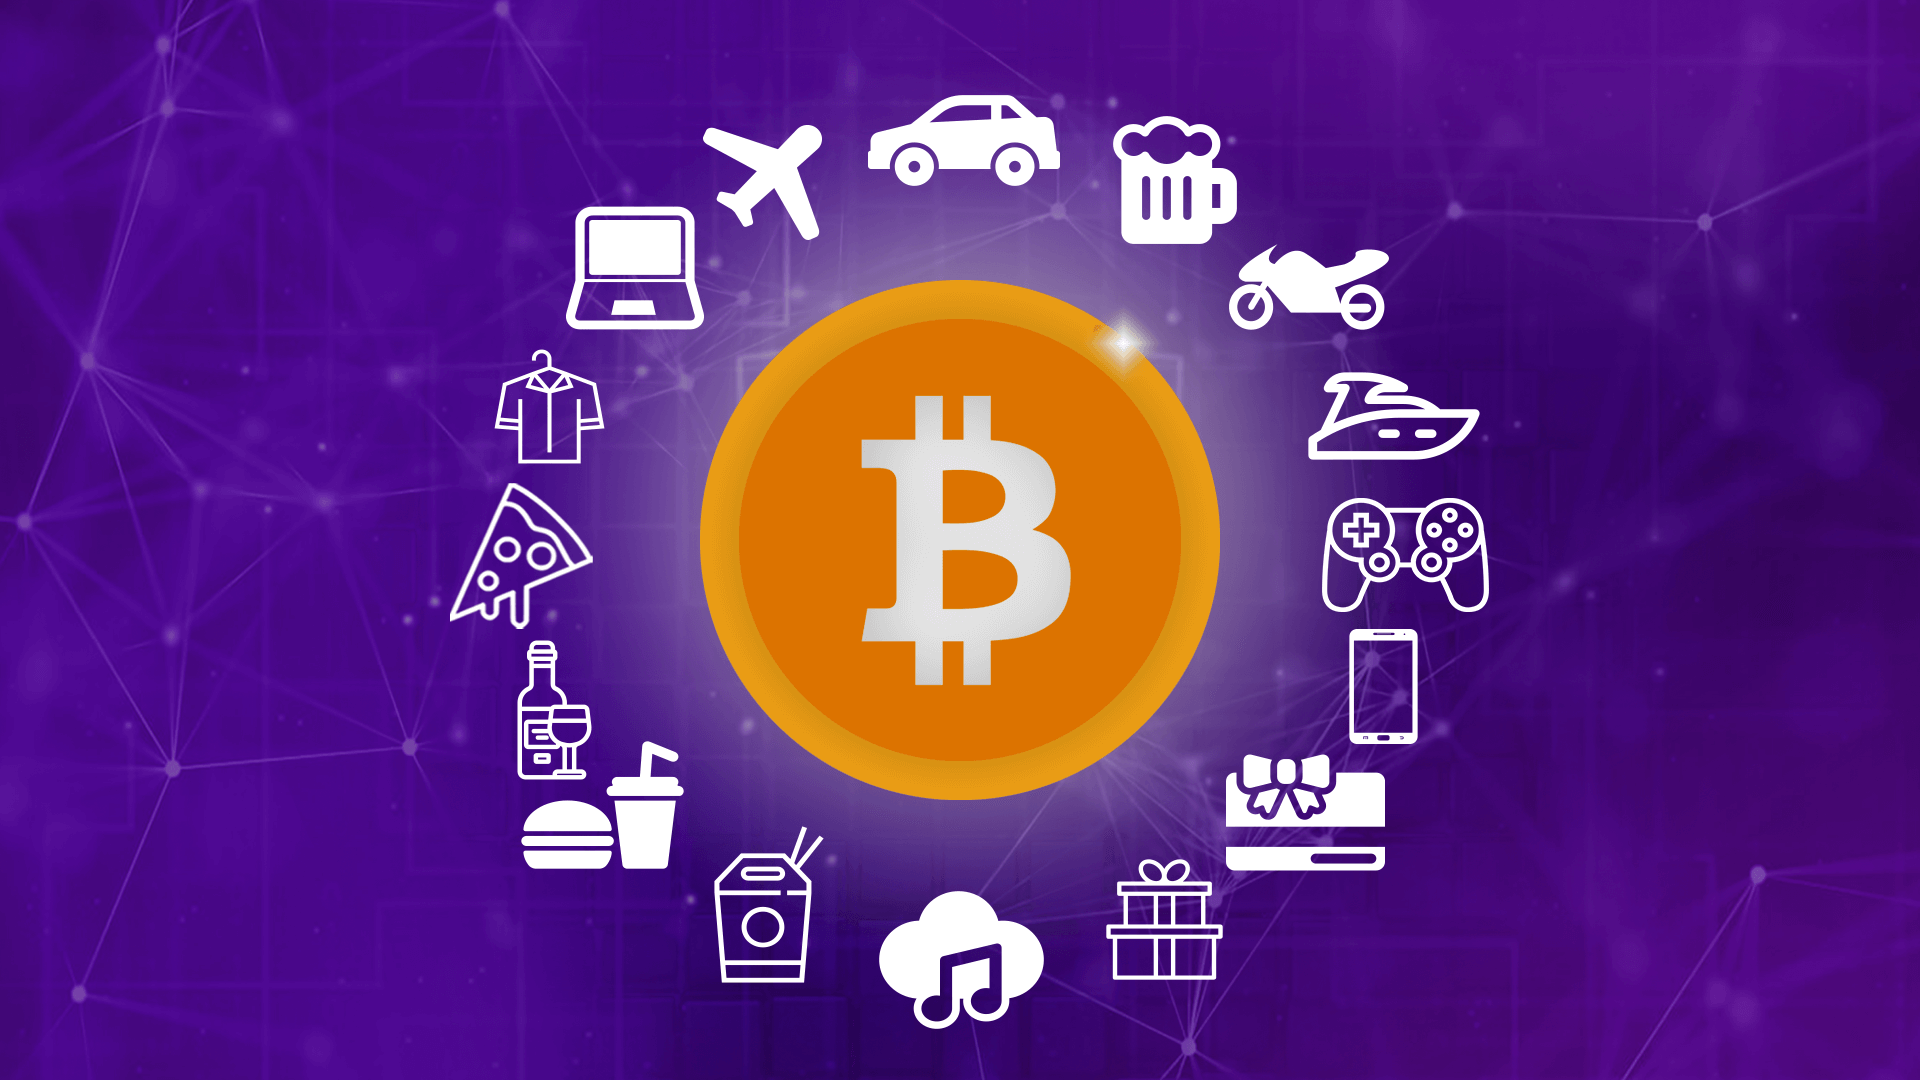 Can you actually spend Bitcoin?